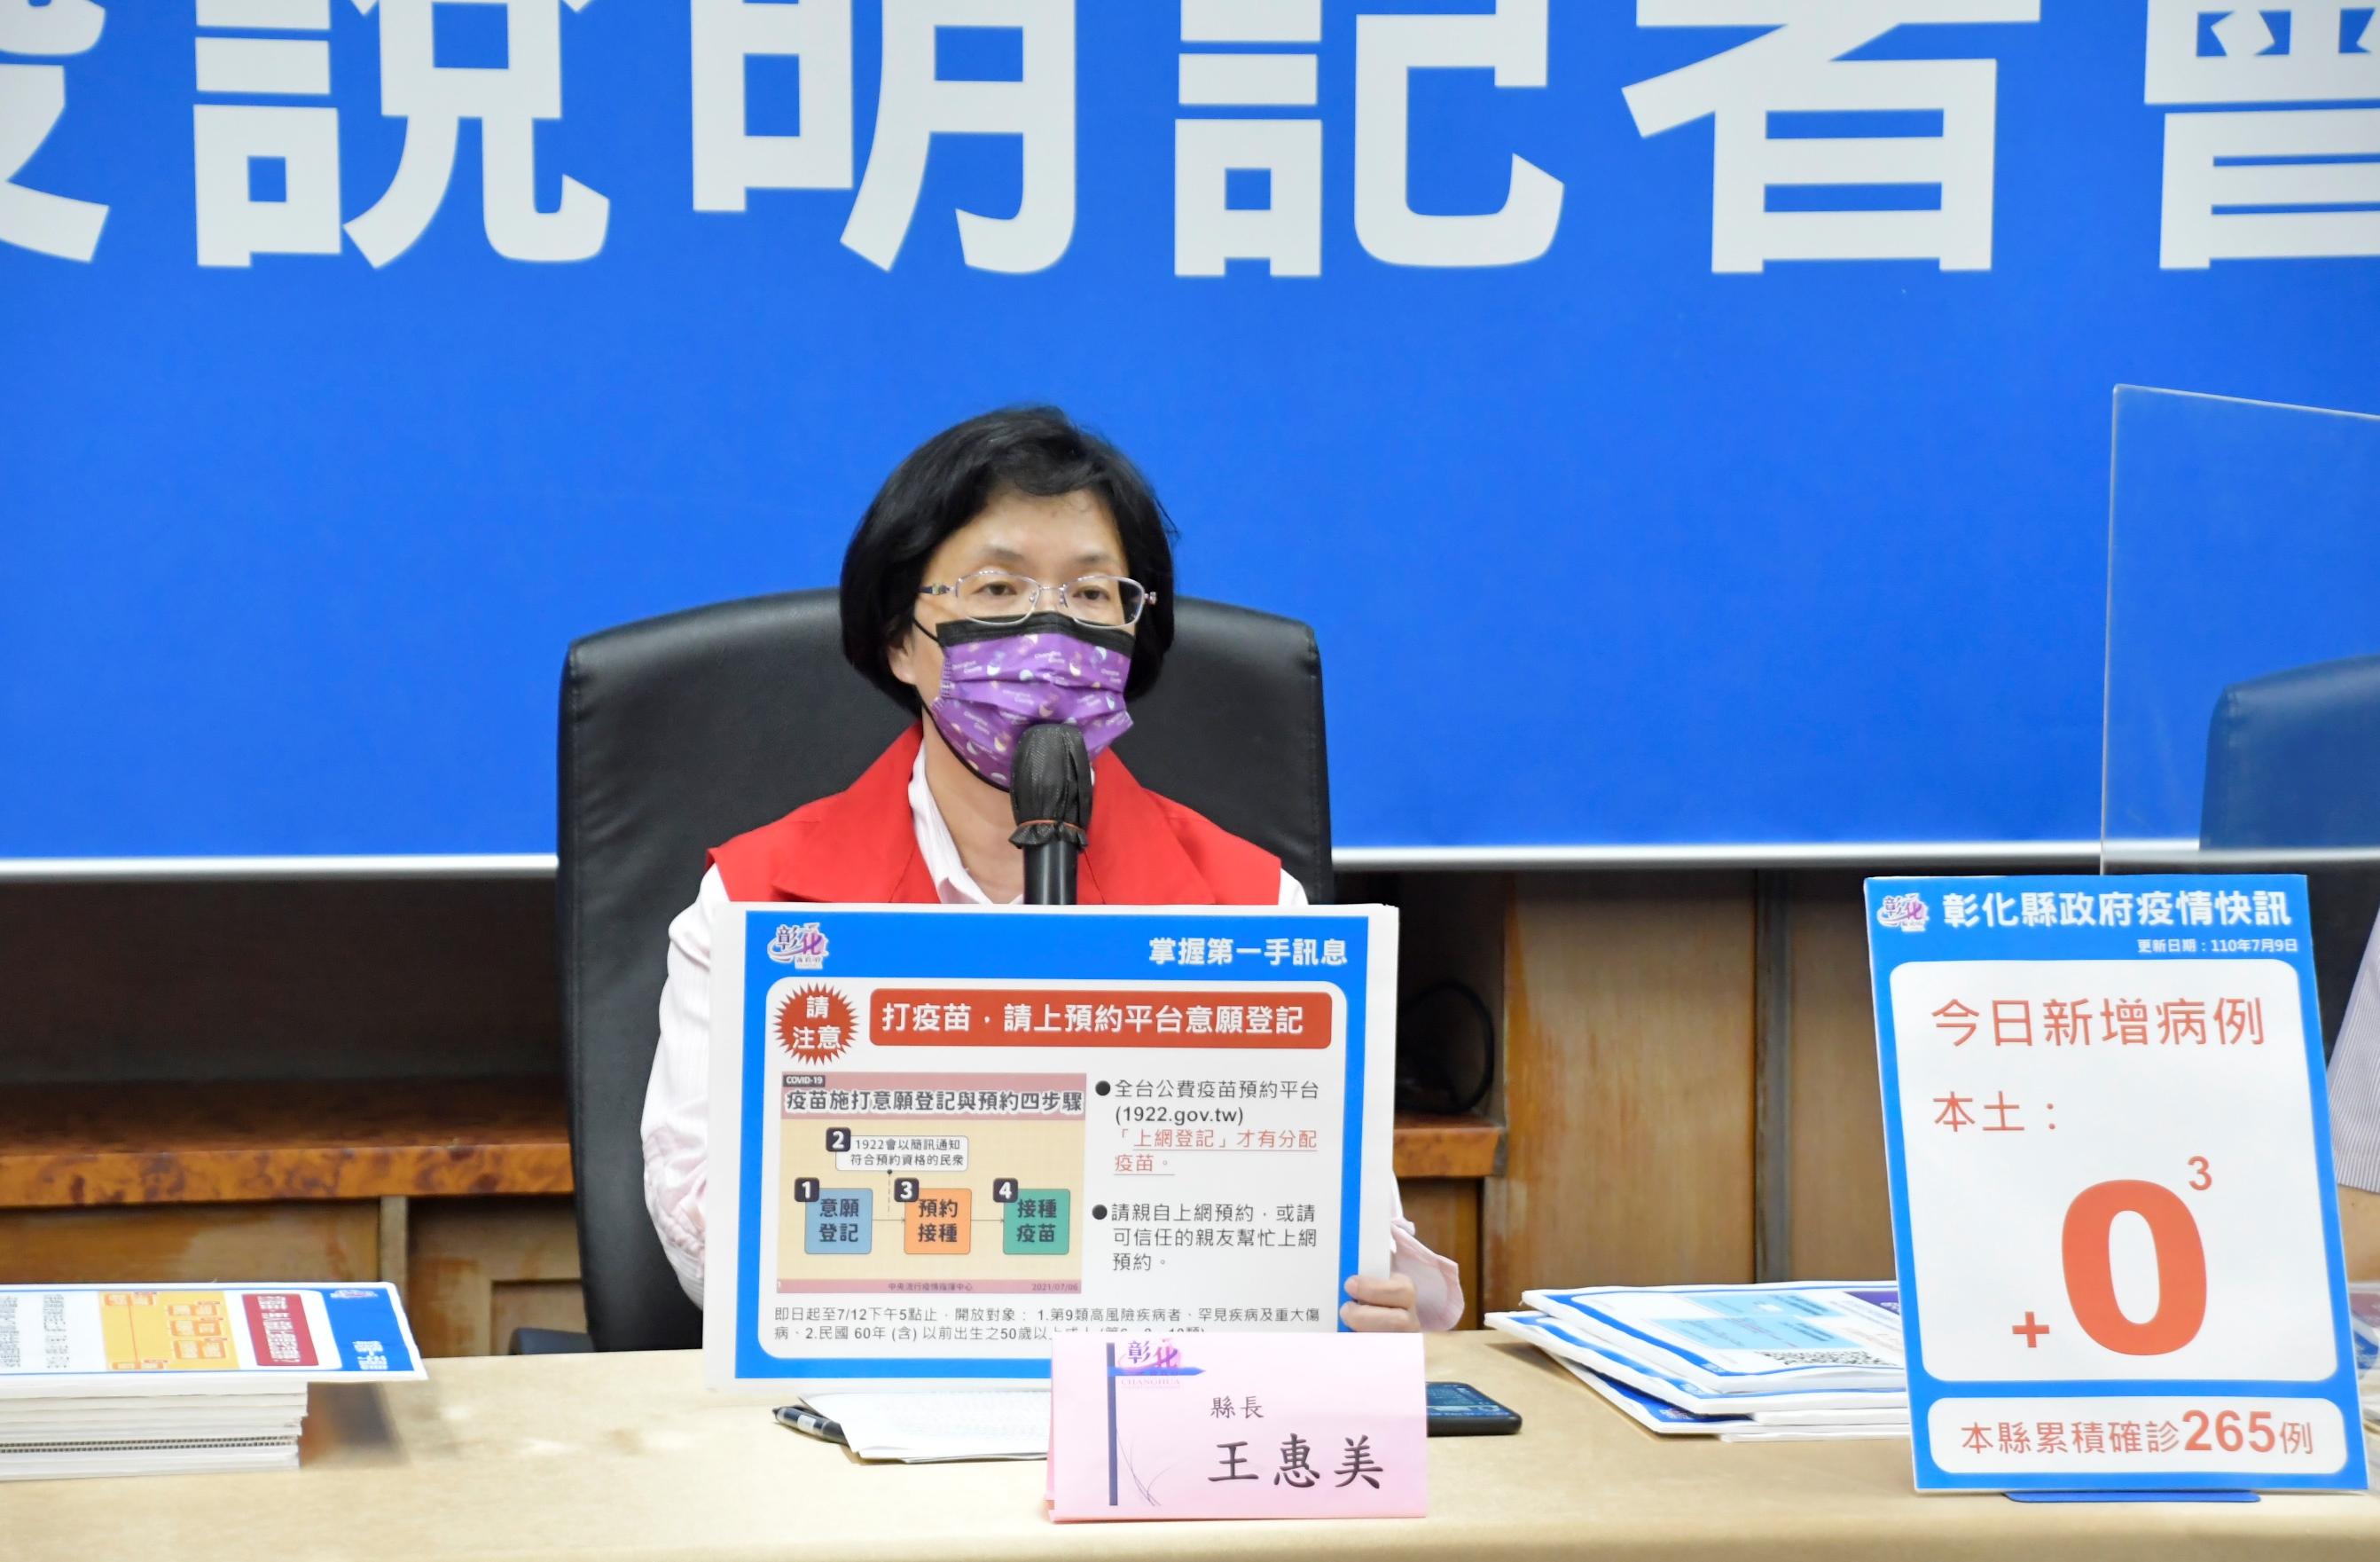 7月9日防疫記者會 再次+0 防疫不鬆懈 彰化微解封 宗教場所不解封,不開放 防堵隱形傳染鏈 確診個案的接觸者3003人施打疫苗